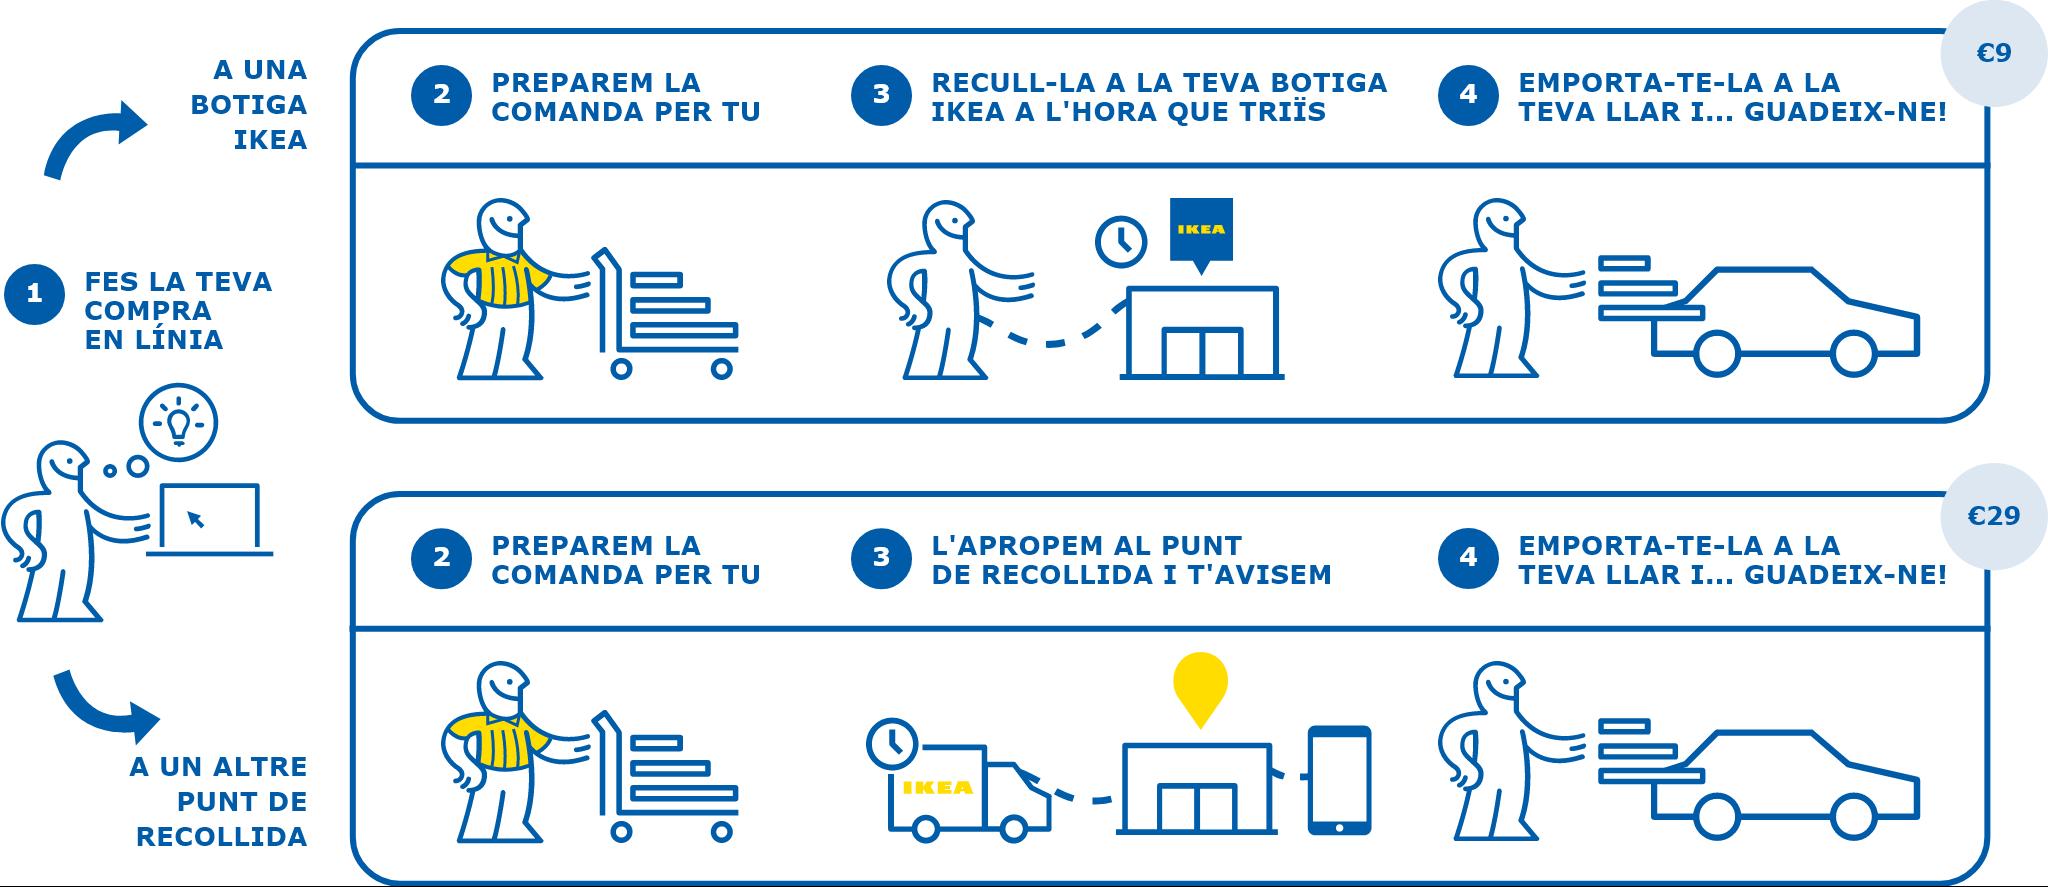 Més punts de recollida per tota Espanya | IKEA